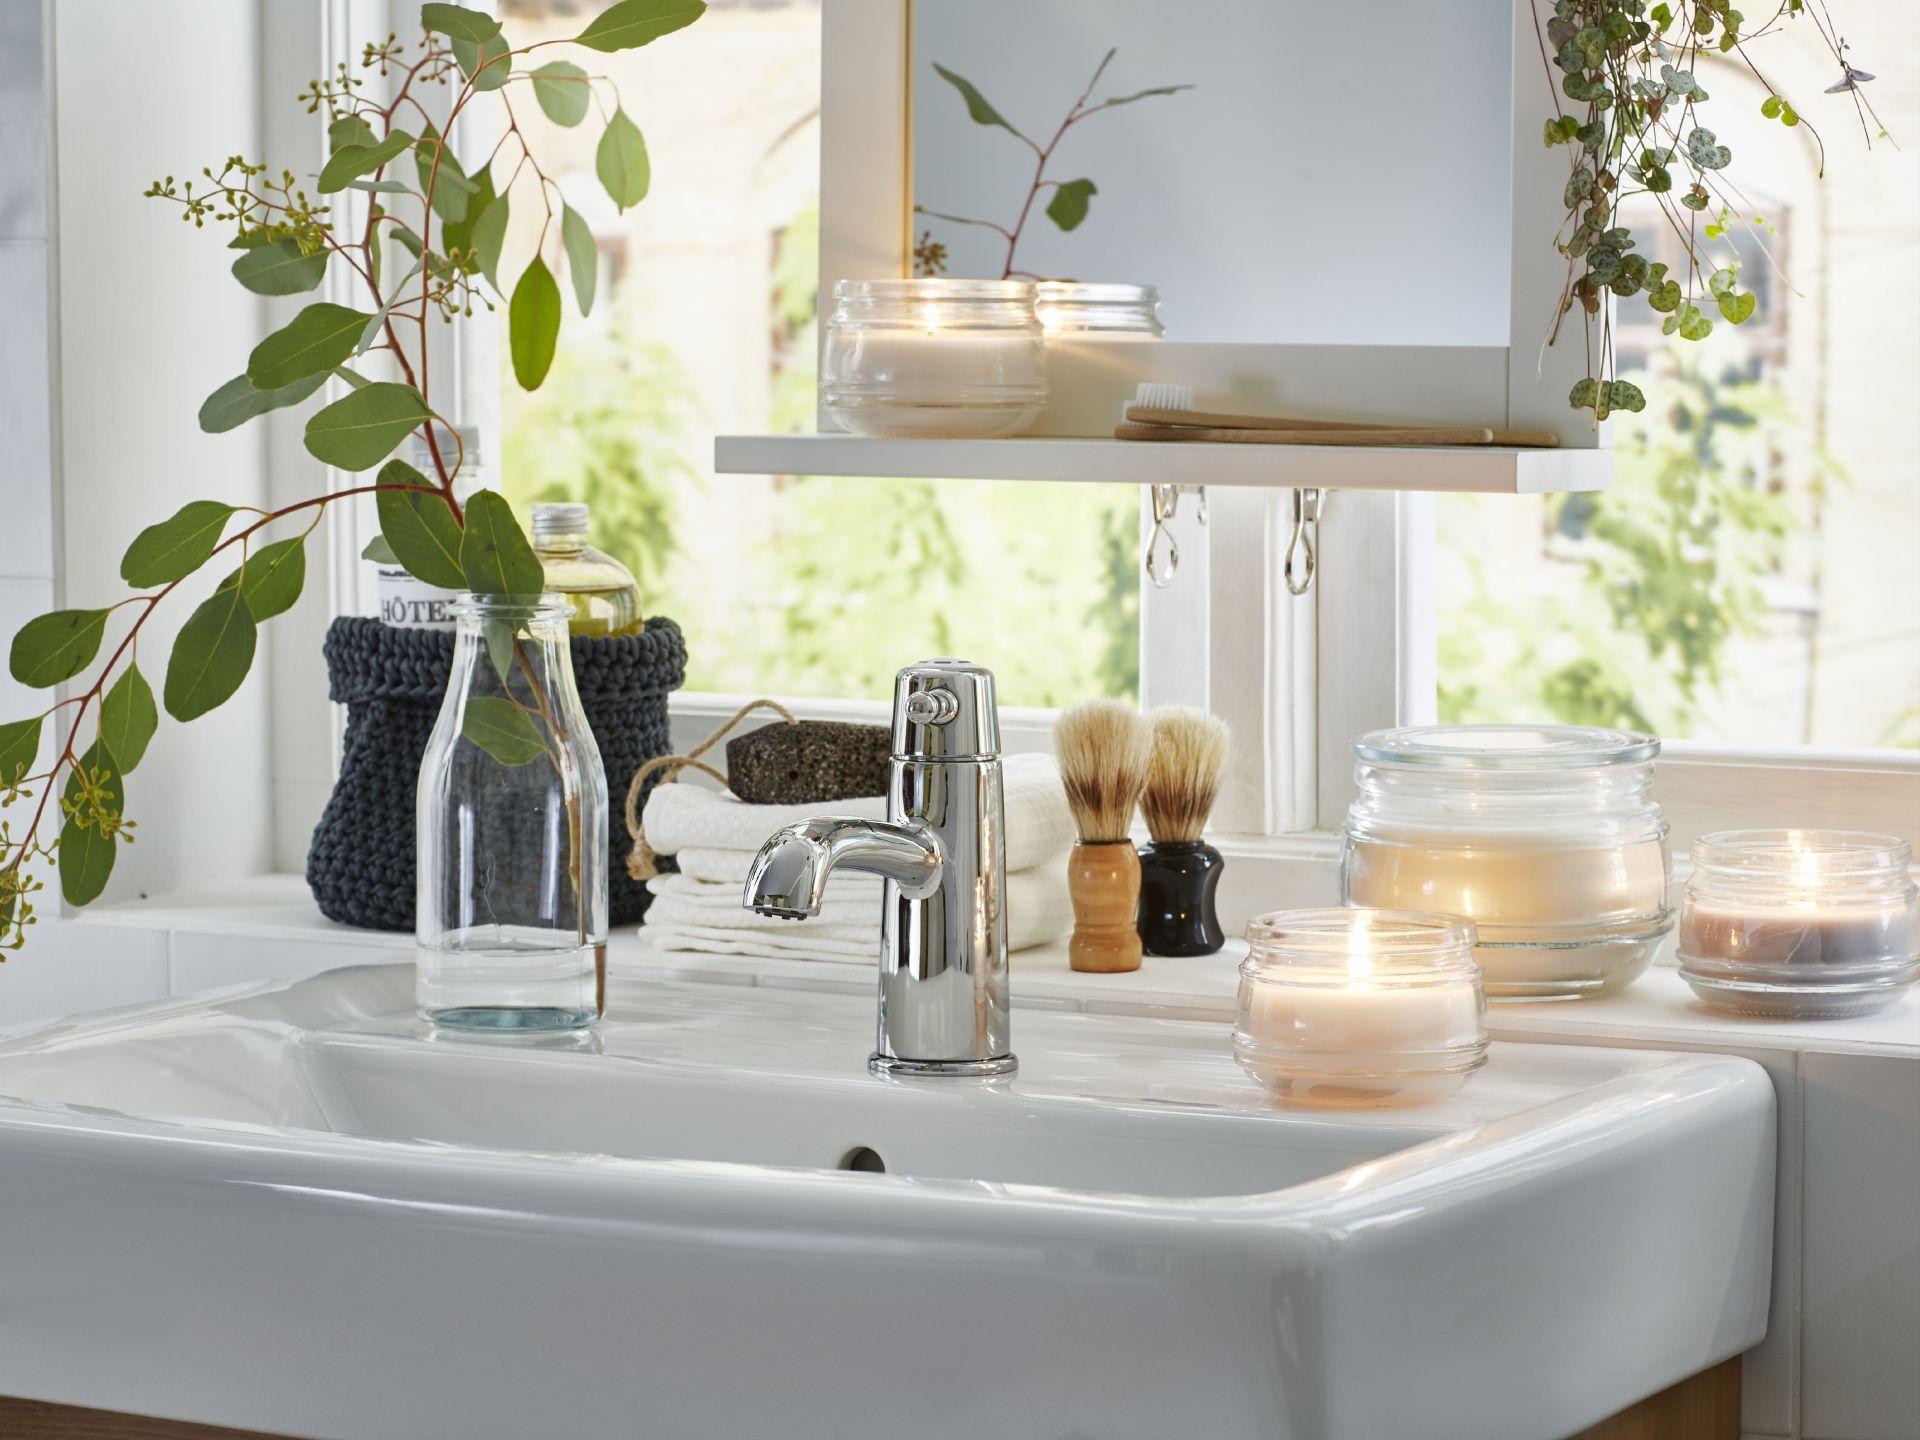 Ikea Badkamer Inspiratie : Badkamer inspiratie ikea ikeanl inspiratie gootsteen